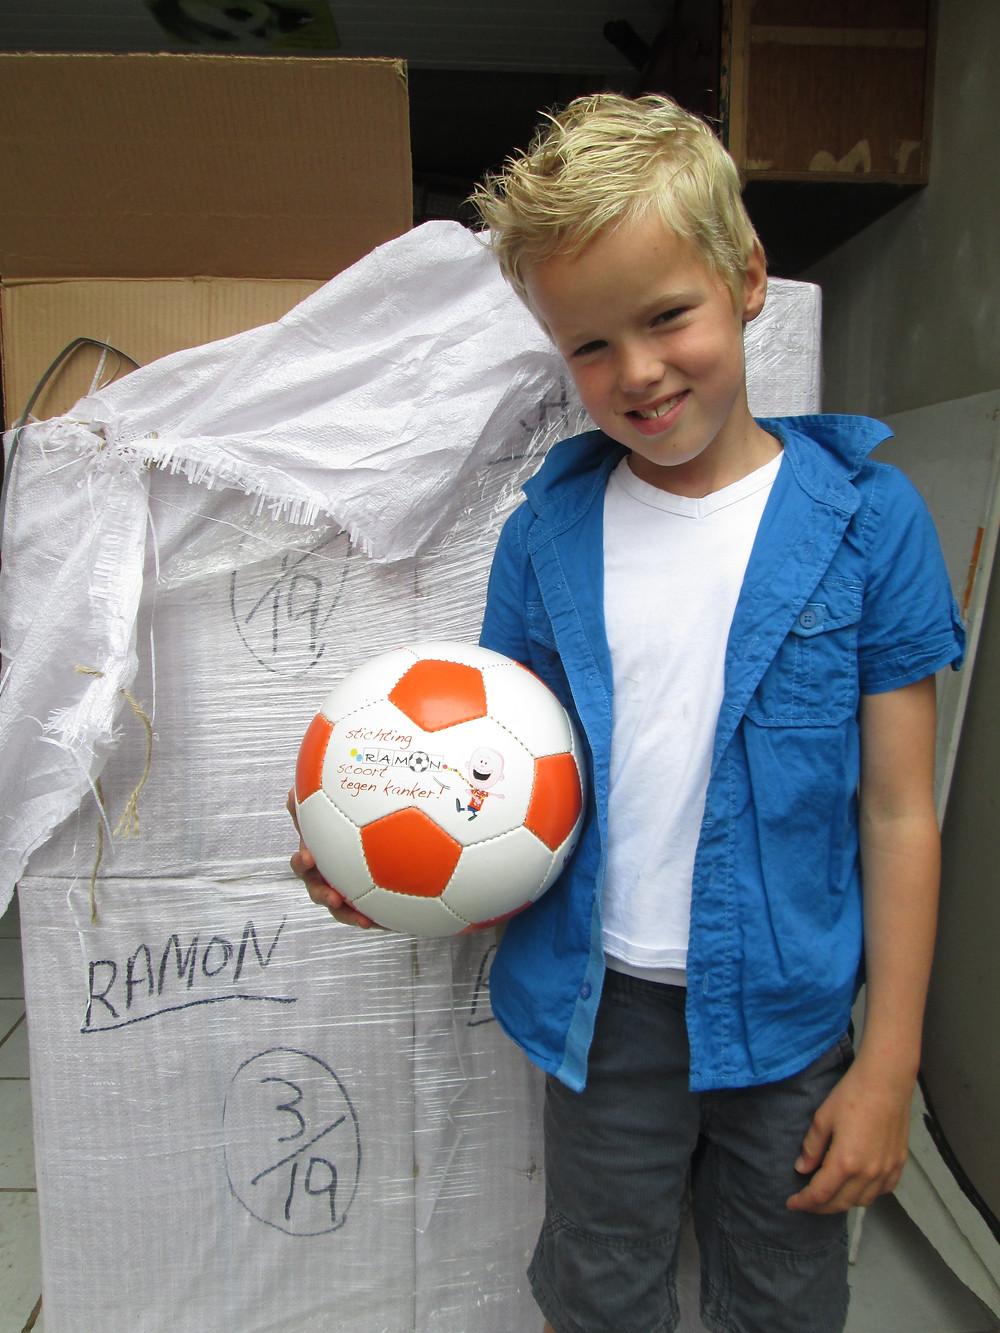 Stichting Ramon scoort tegen kanker - wk voetbal.jpg